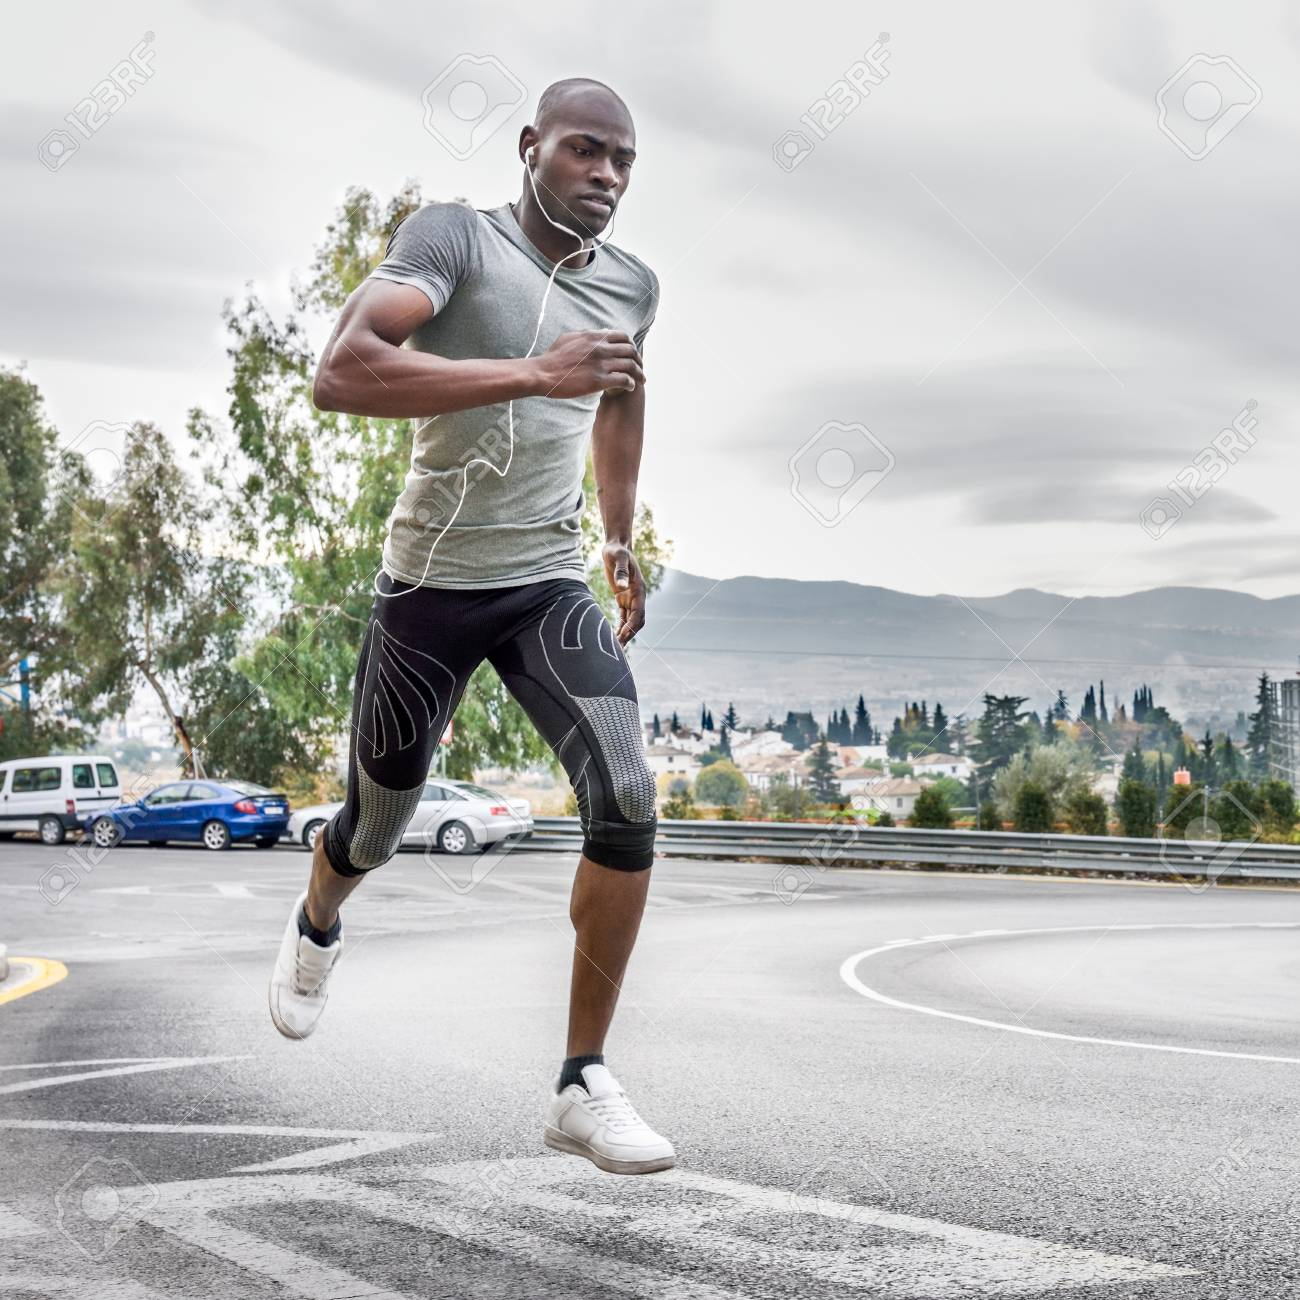 Noir courir en plein air dans la route urbaine écouter de la musique avec un casque blanc. Jeune homme exerçant avec scape de ville à l'arrière plan.